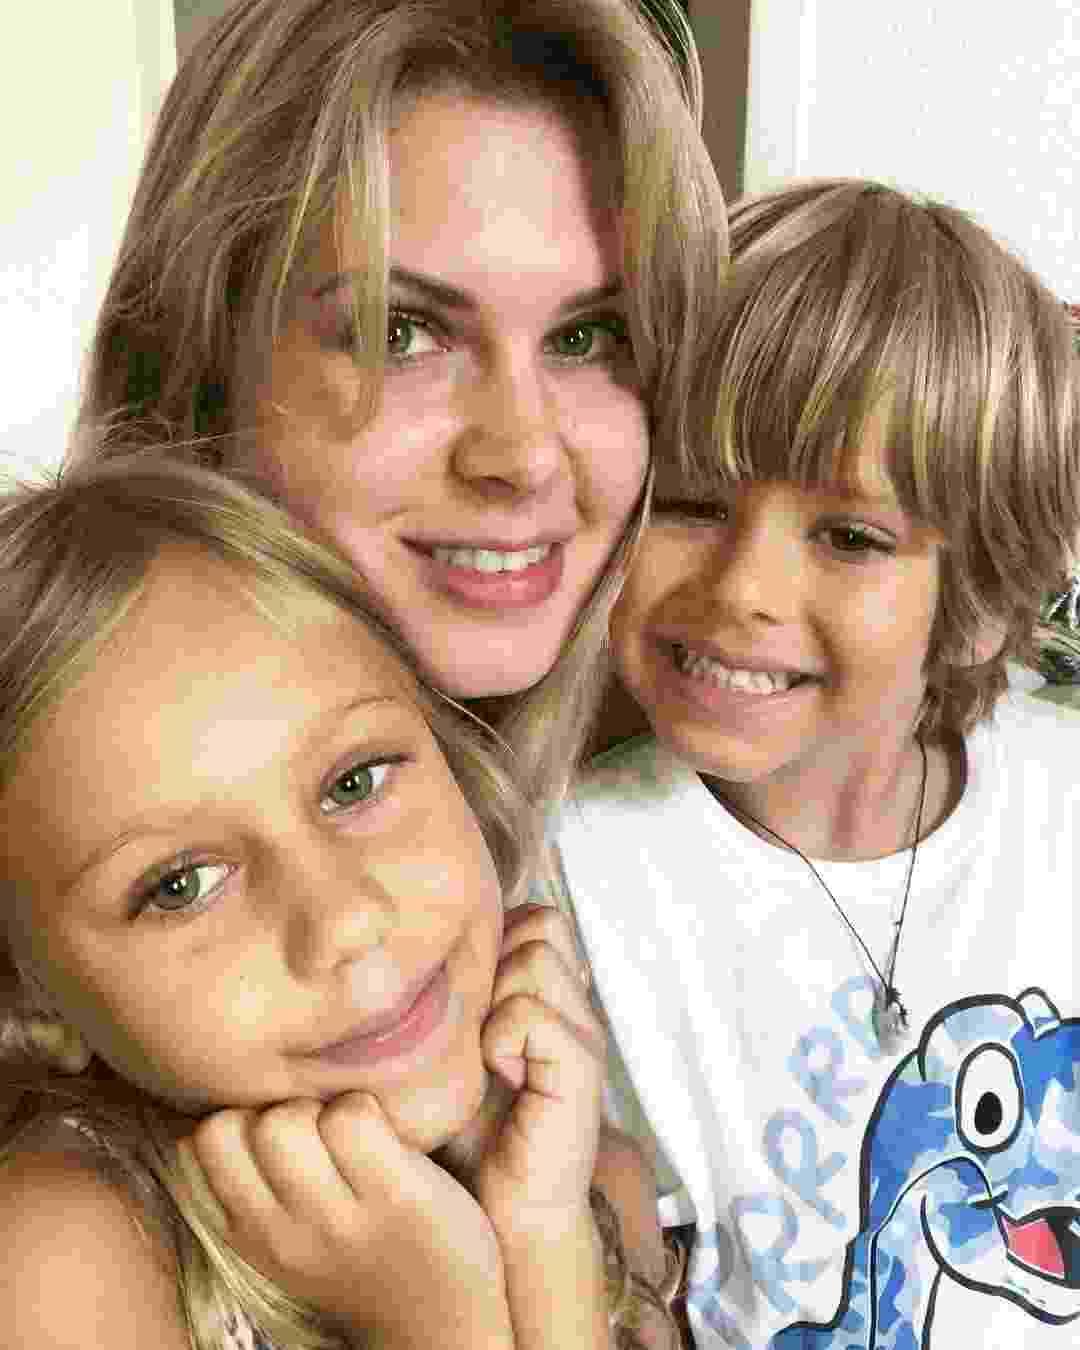 Carolinie Figueiredo e os filhos Bruna e Theo - Reprodução/Instagram/Carolinie Figueiredo